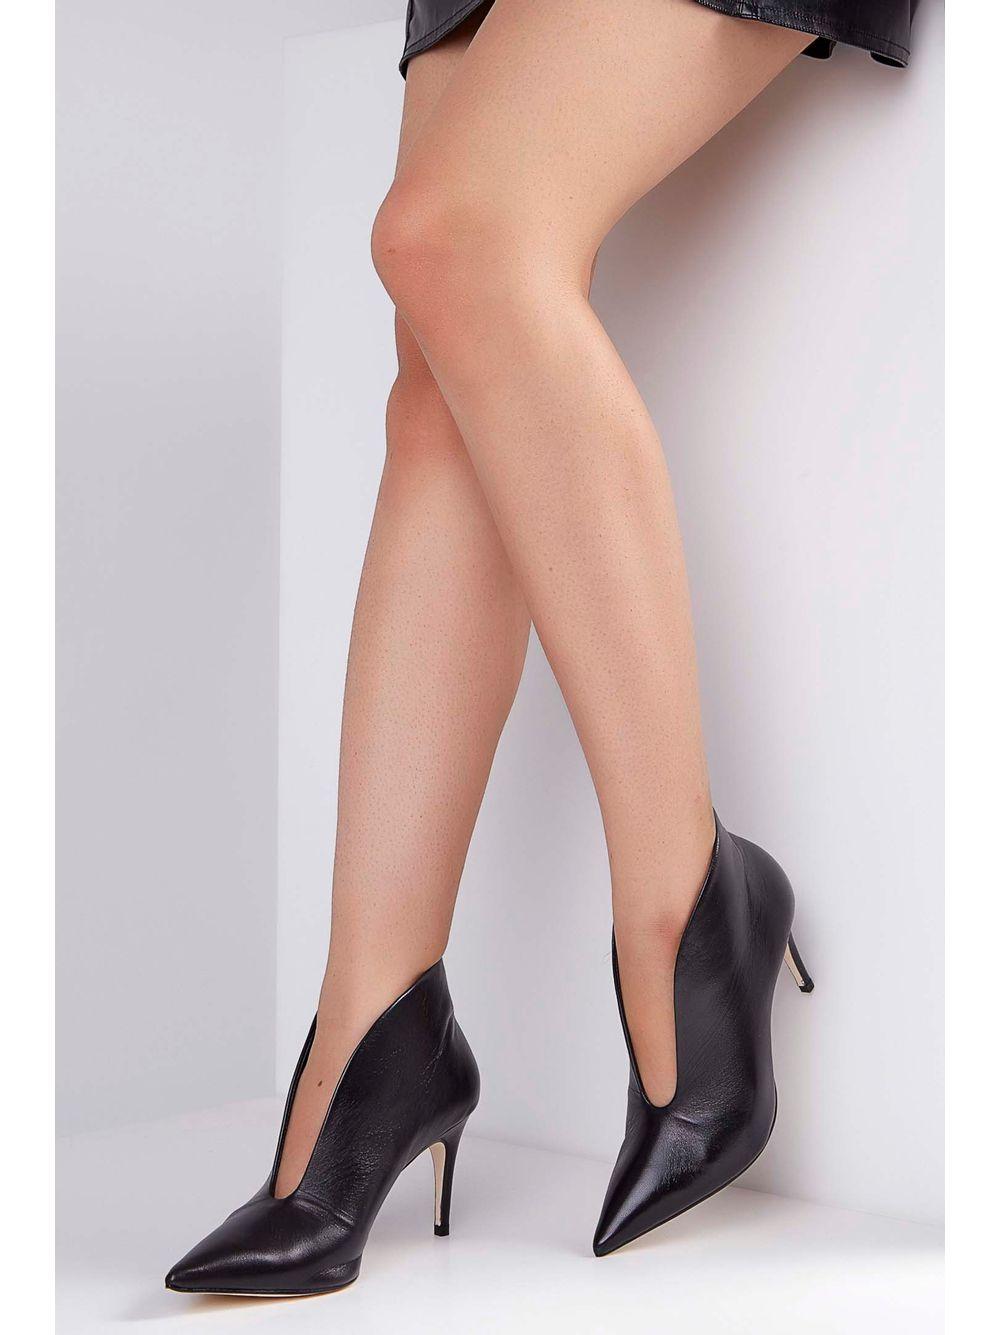 48ca92210 Sapato Scarpin Luz Da Lua Couro Preto - pittol